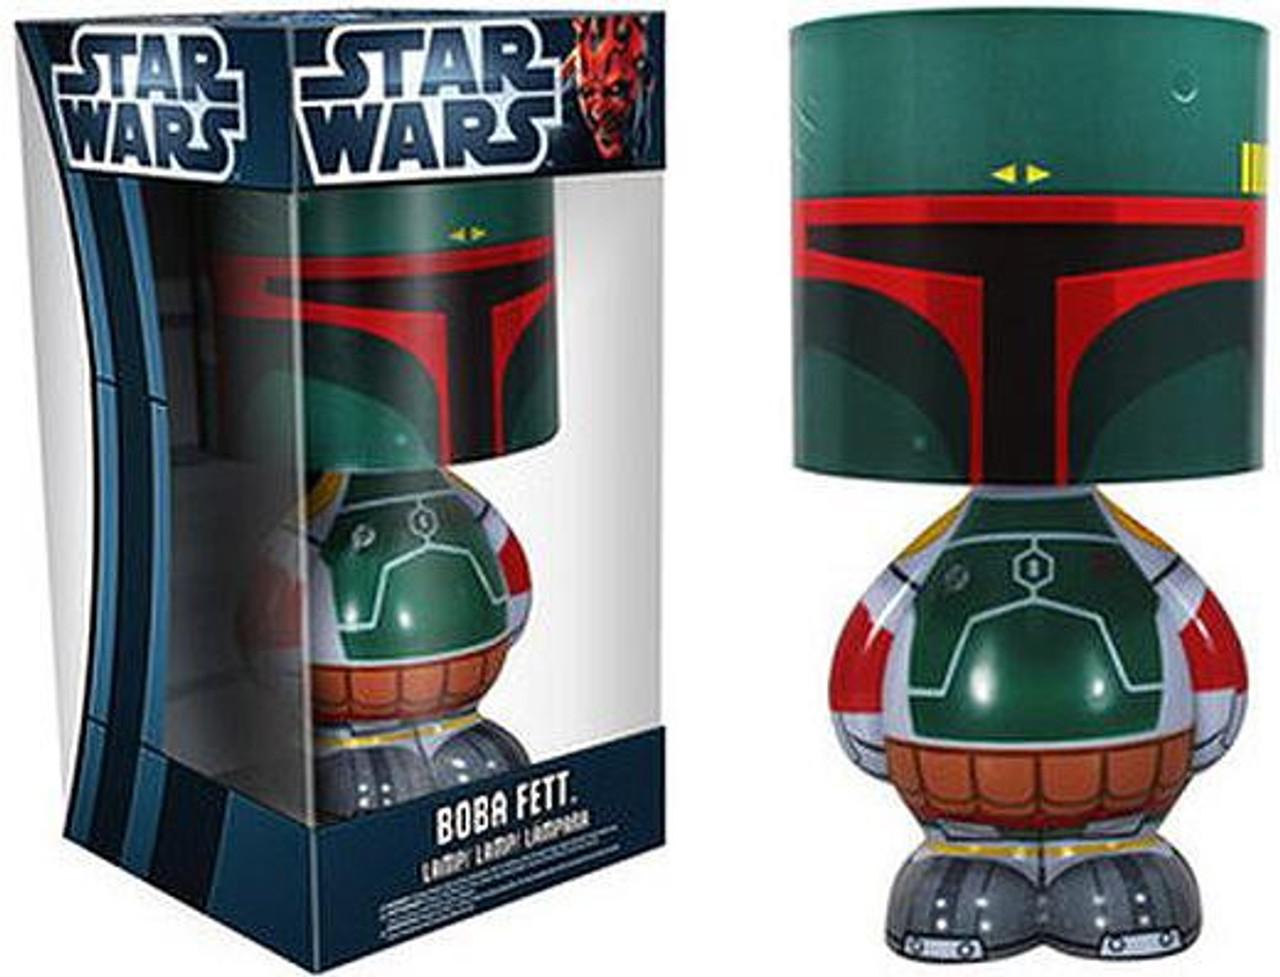 Funko Star Wars Wacky Wobbler Boba Fett Lamp 12 Inch